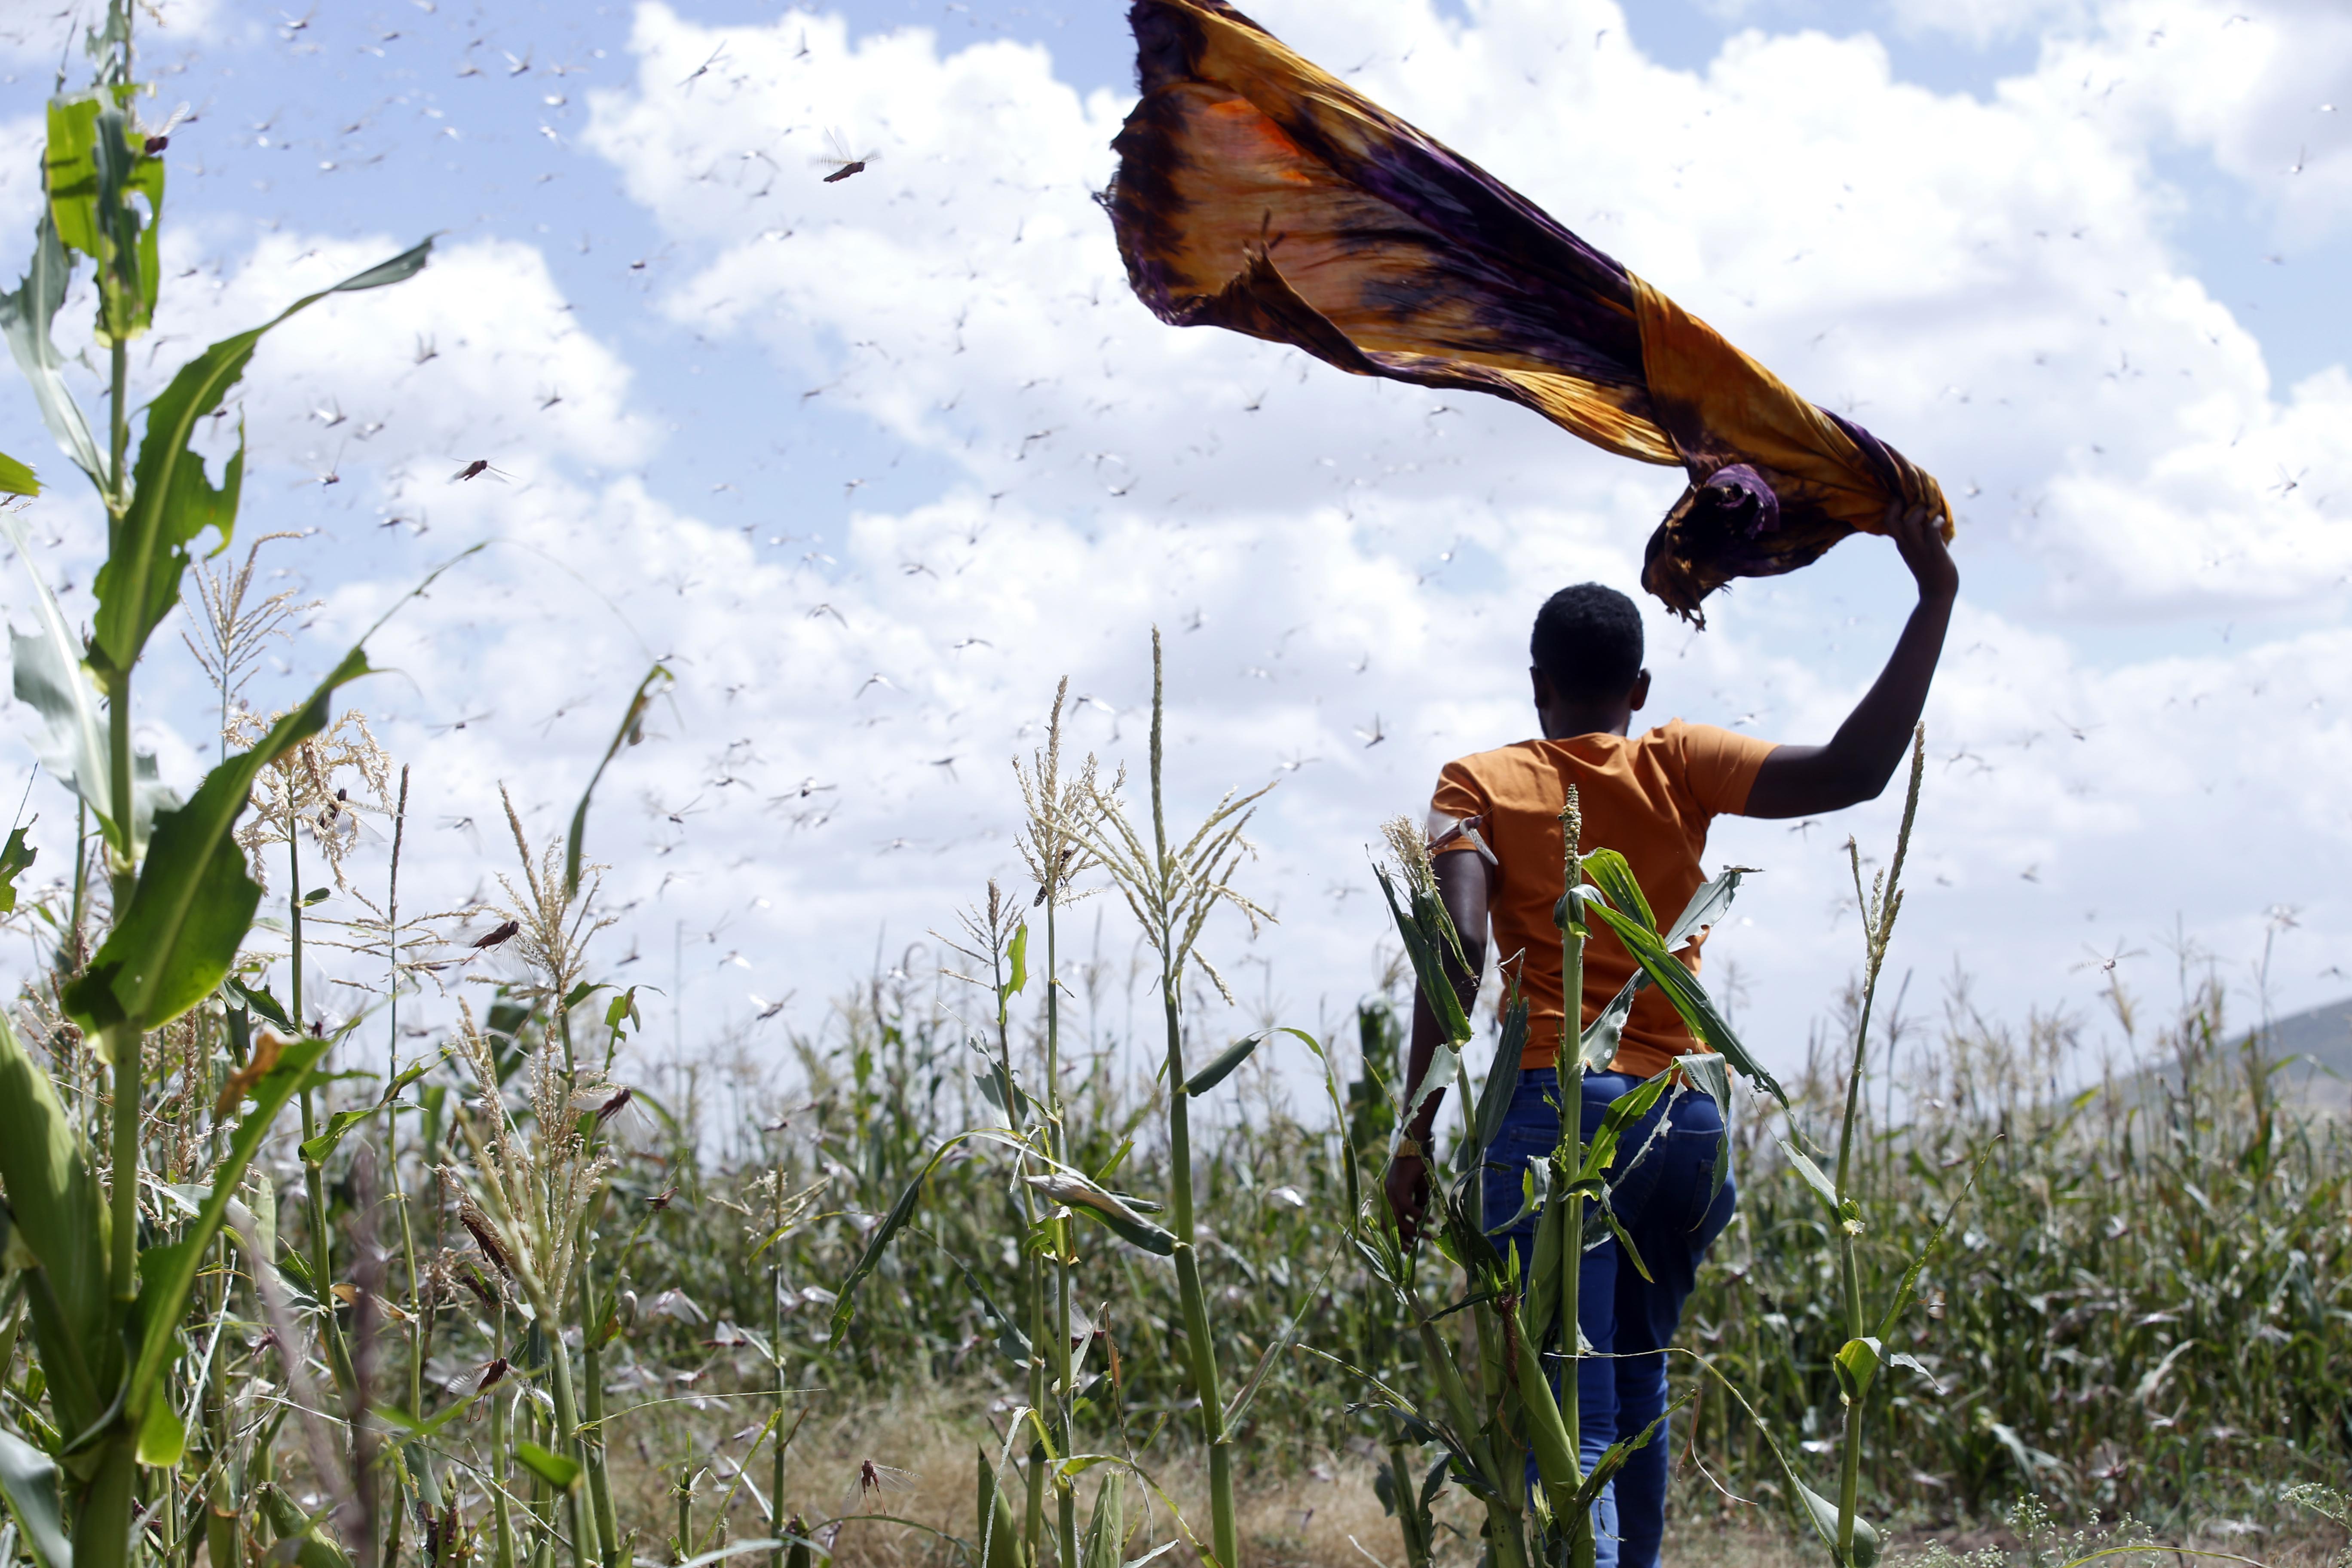 A swarm of locusts in Ethiopia